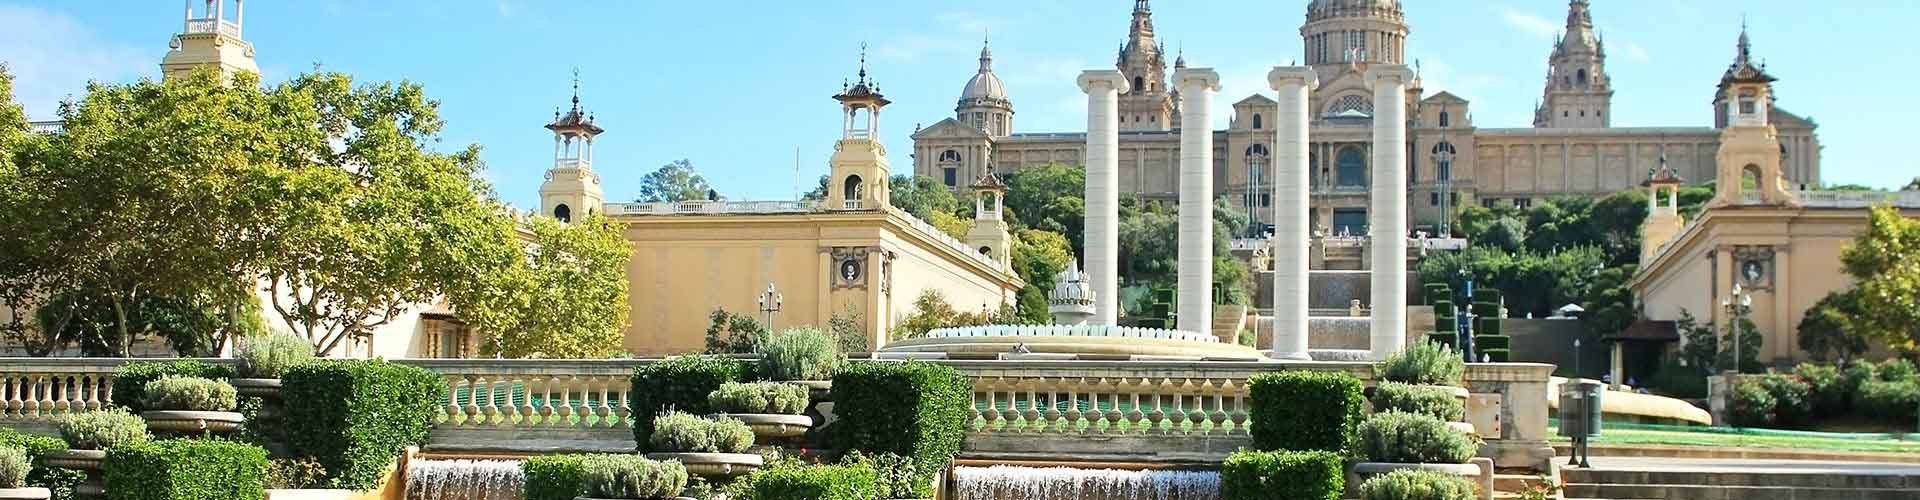 Barcelona - Hostele w mieście: Barcelona, Mapy: Barcelona, Zdjęcia i Recenzje dla każdego hostelu w mieście Barcelona.